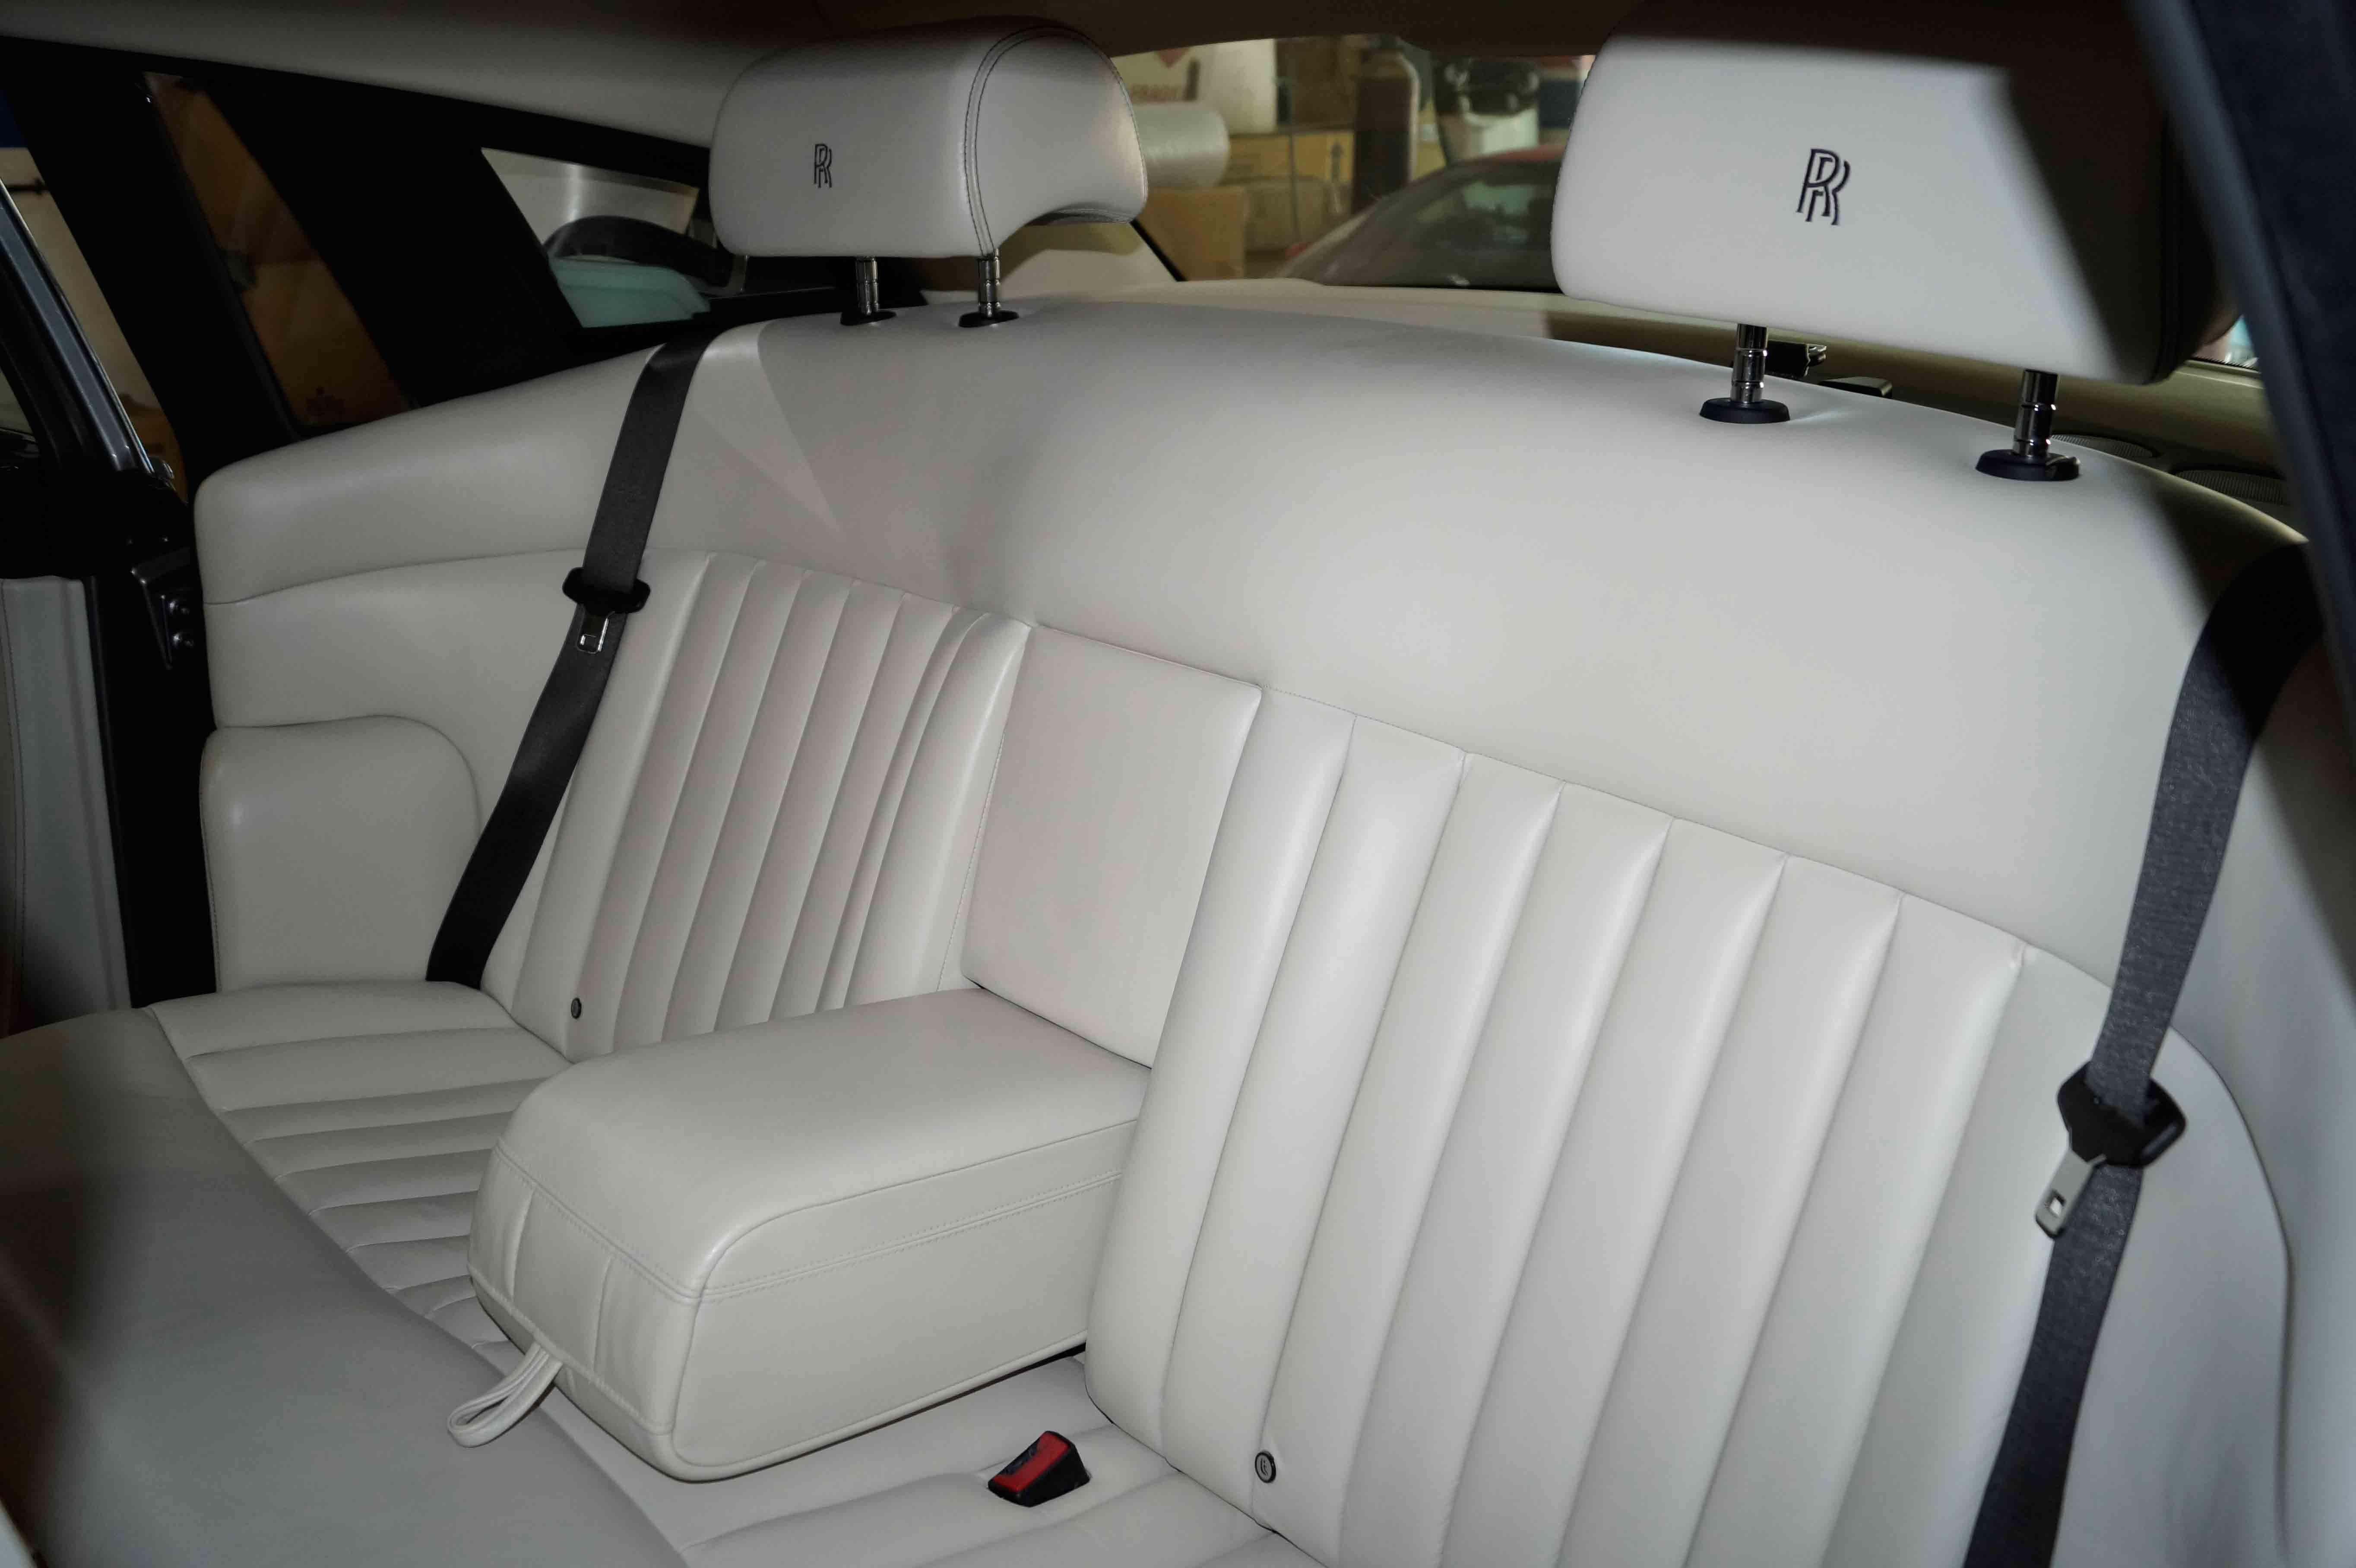 Car Upholstery Fabric Carpet Tear Rip Repair Kit Carpet